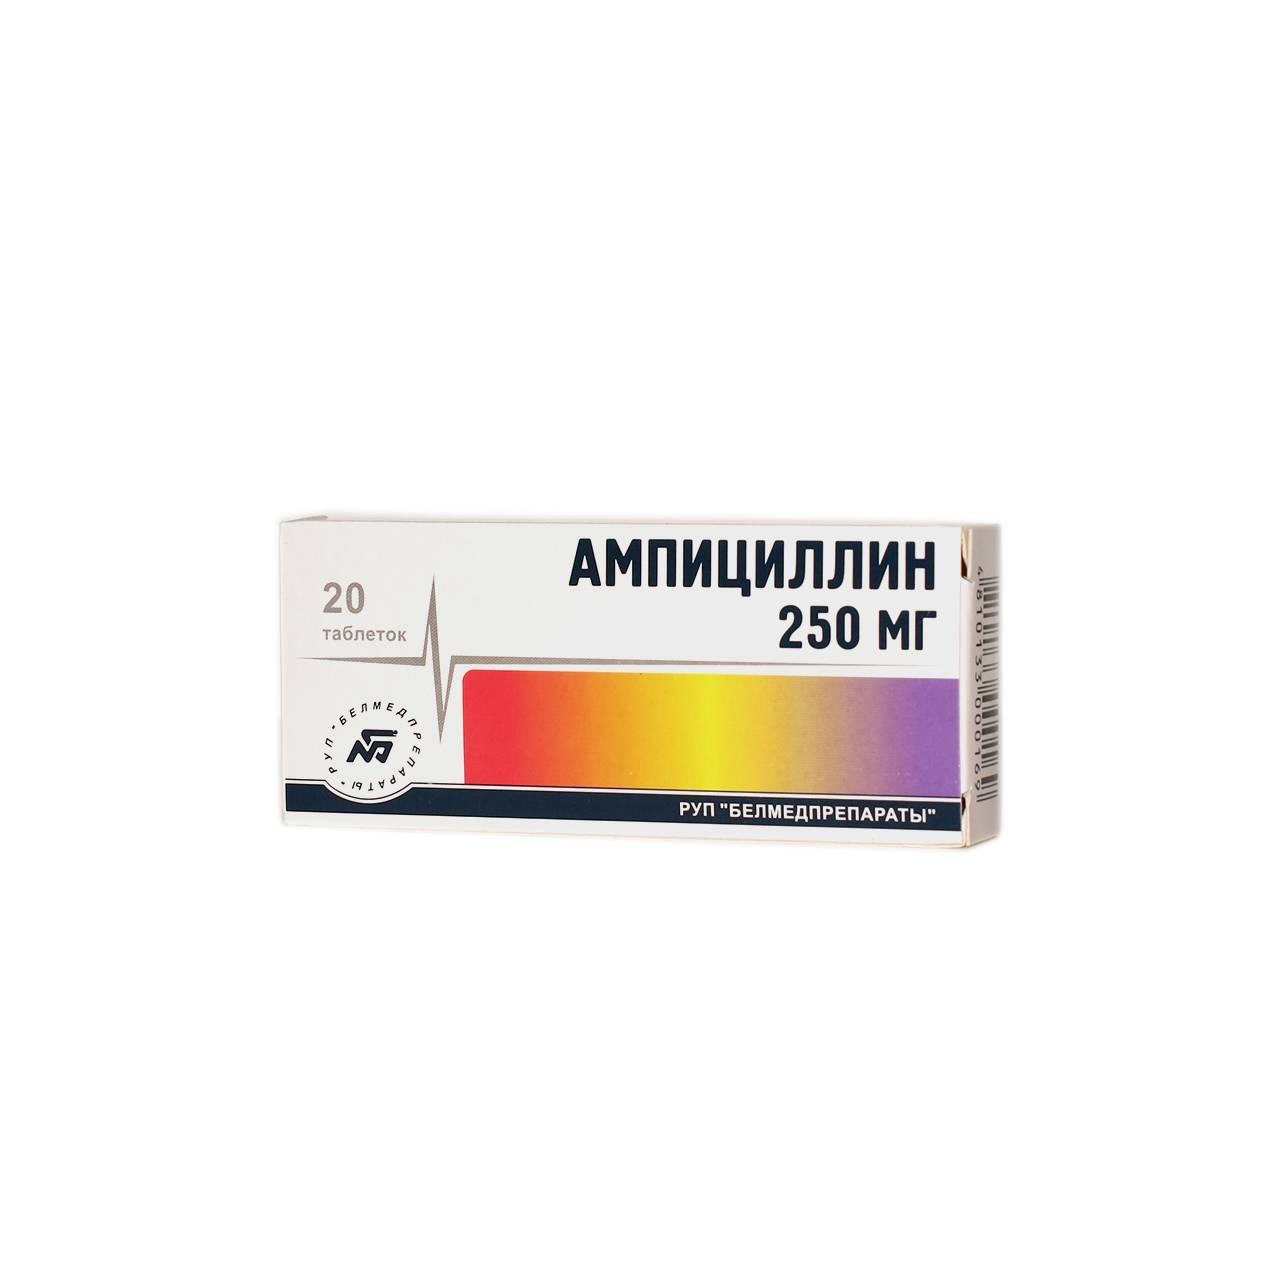 Ампициллин - когда назначают, дозировка для детей и взрослых, механизм действия, противопоказания и отзывы